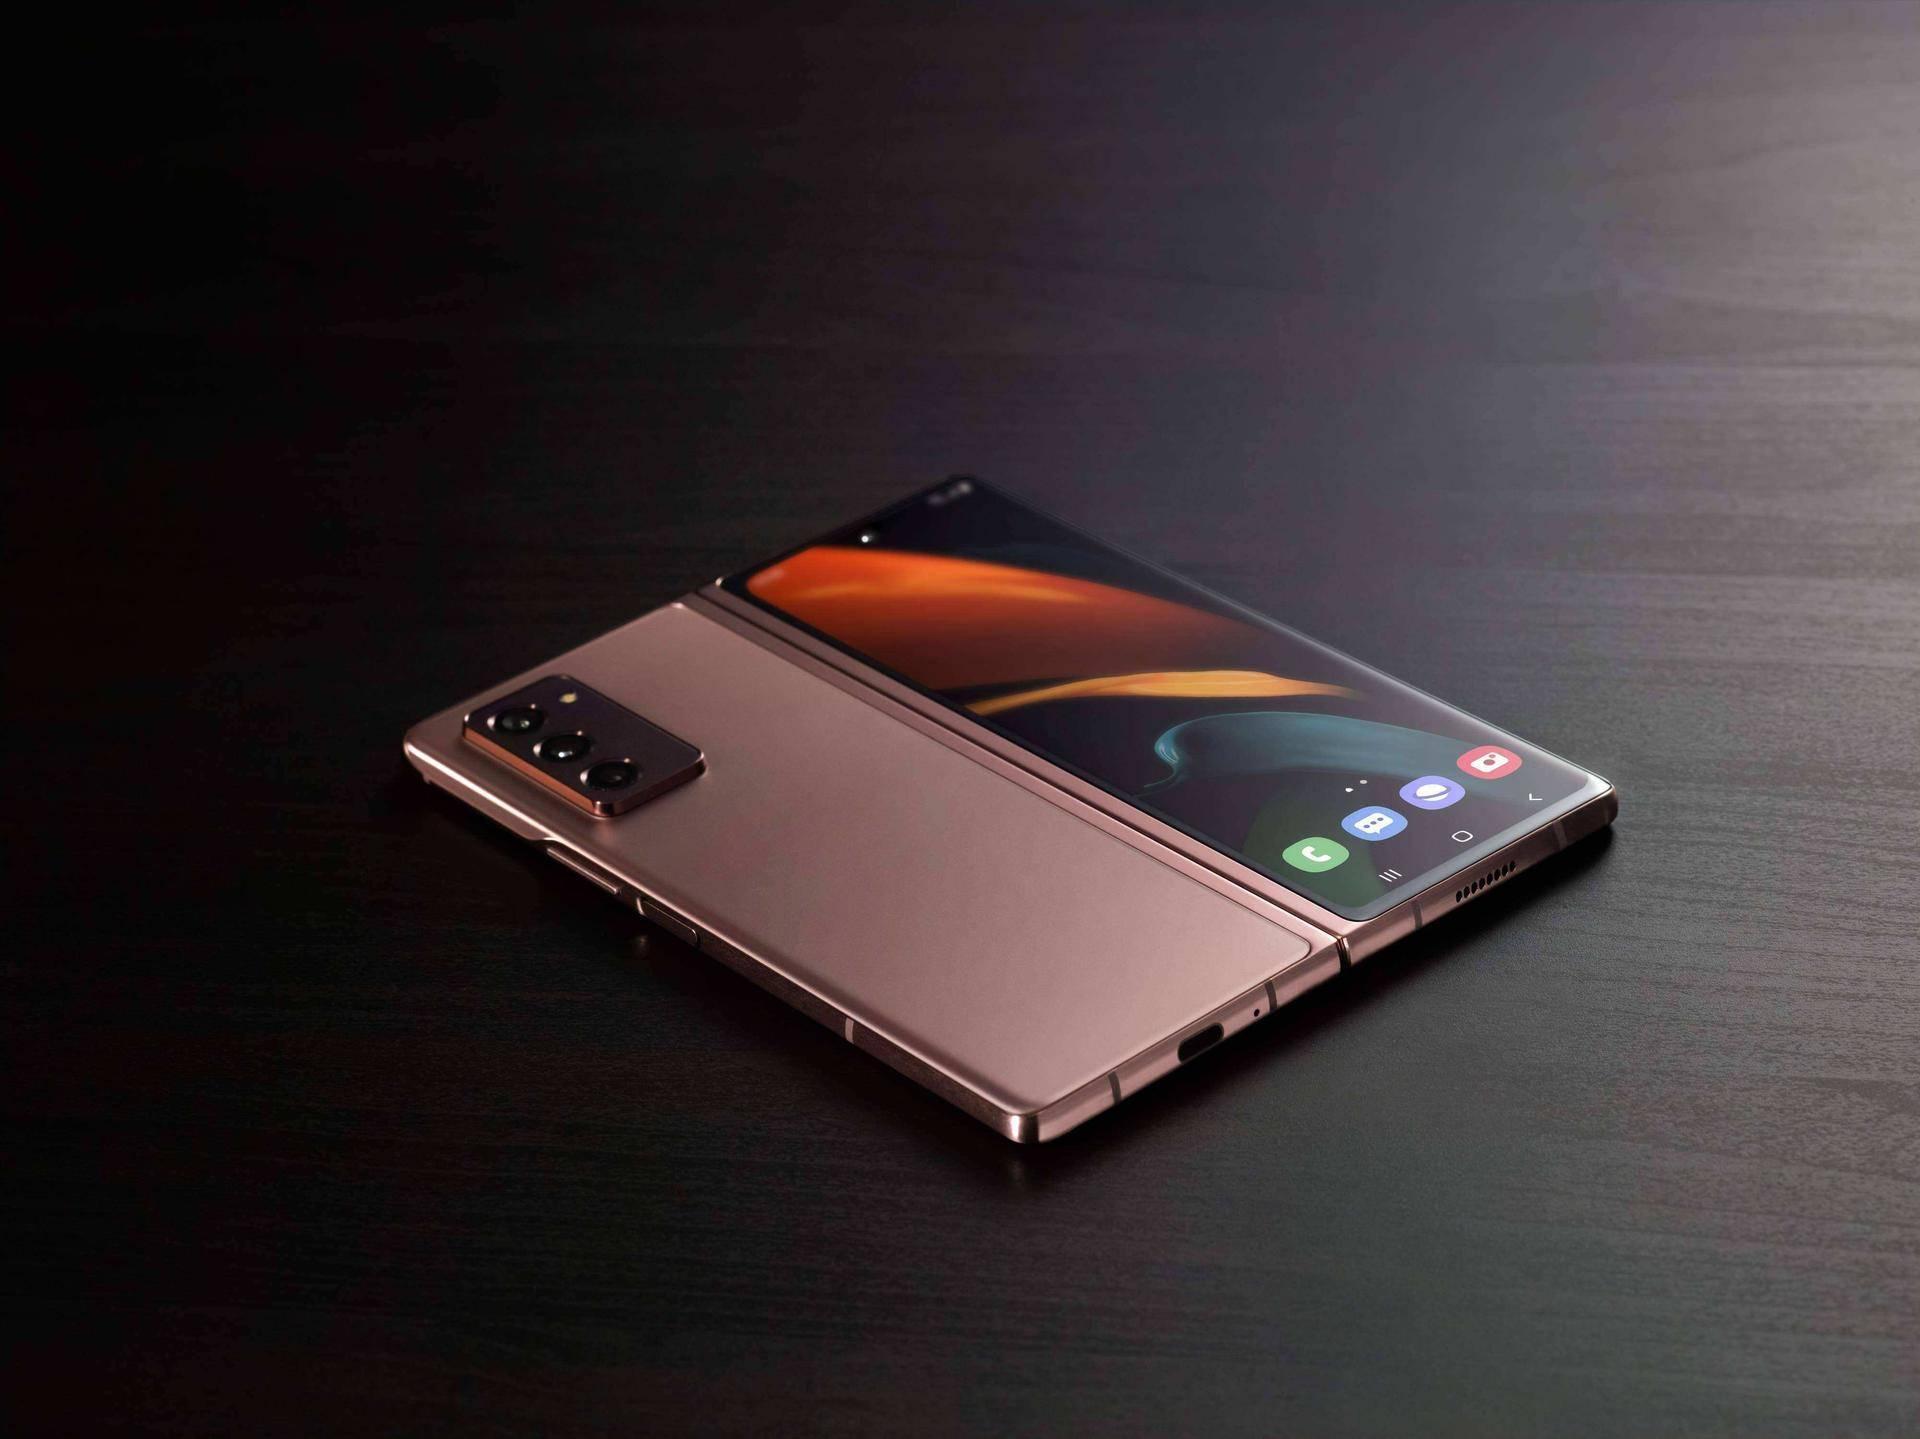 三星Galaxy Z Fold2不负恭候 引颈折叠屏新纪元